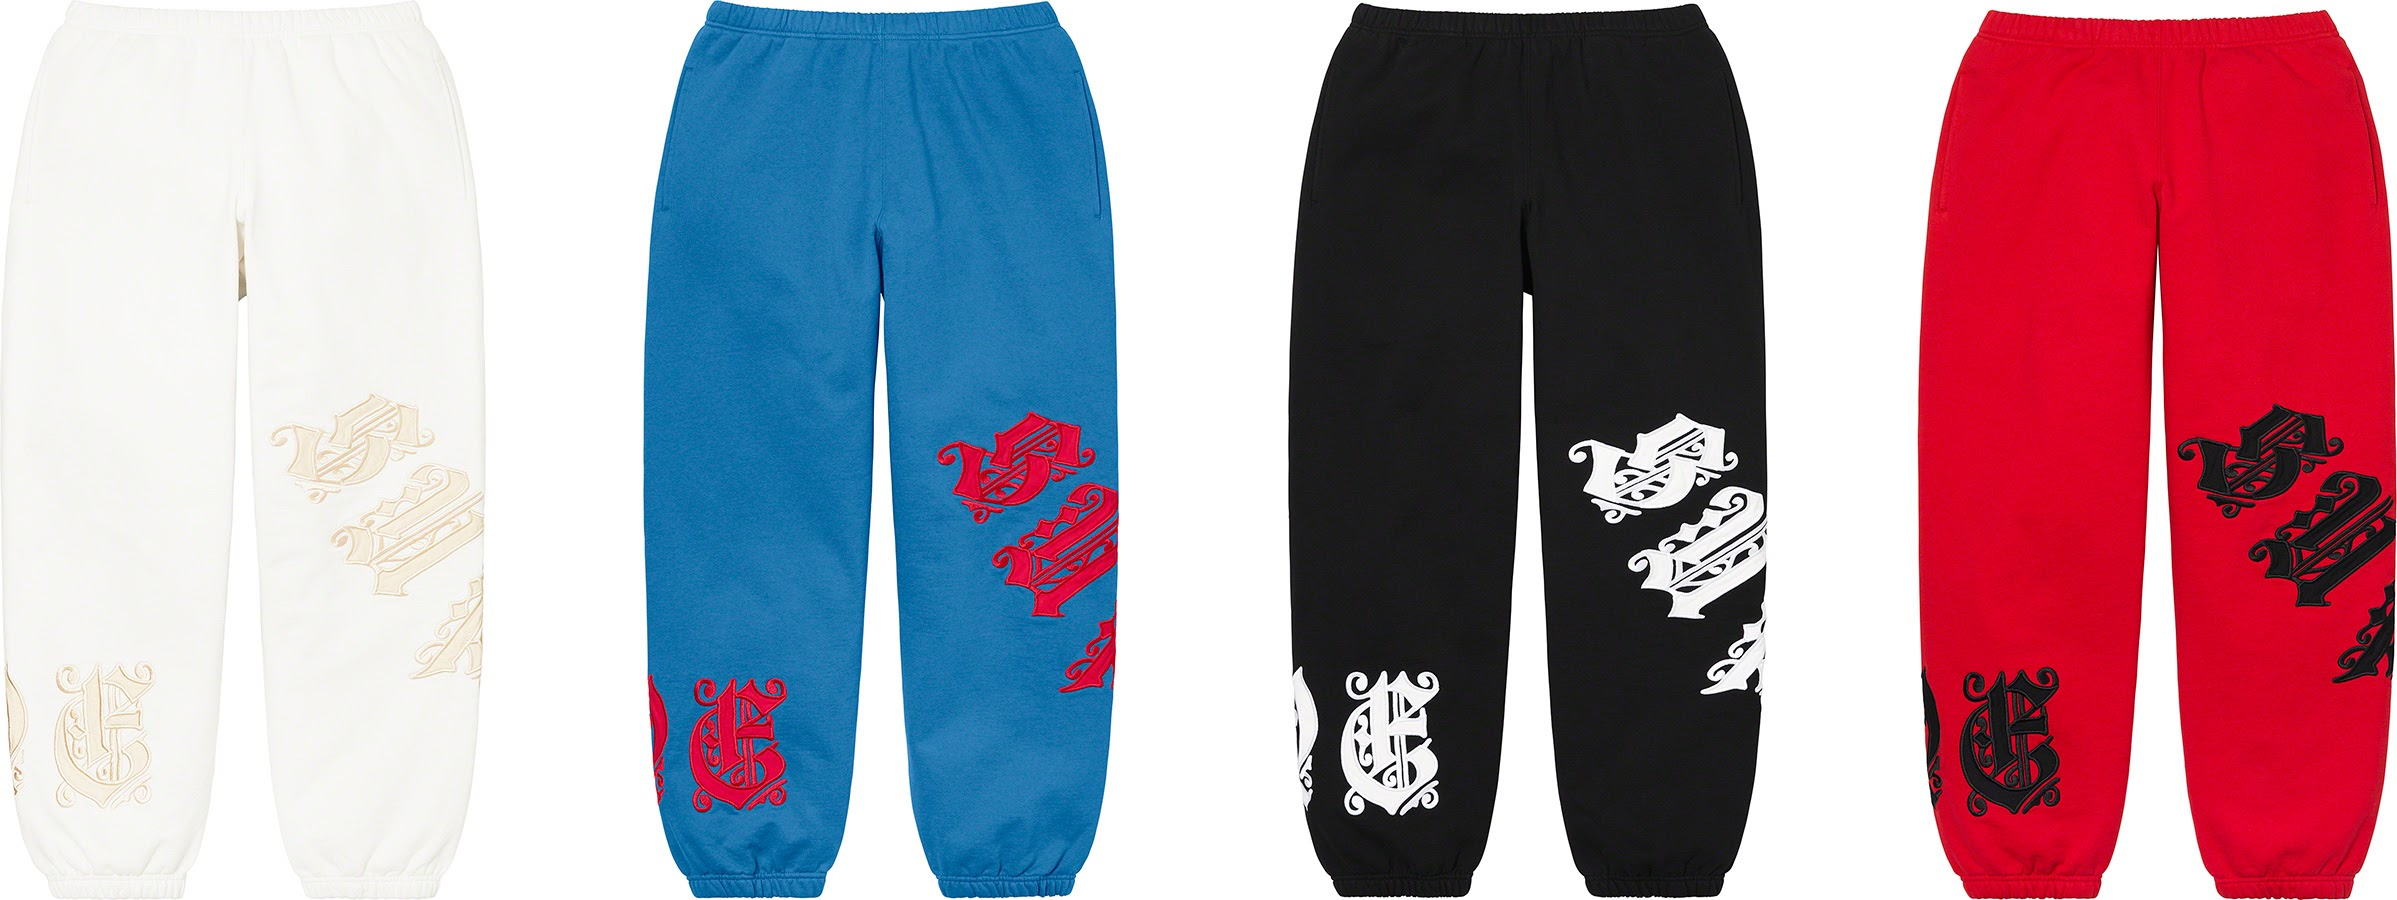 シュプリーム 2021年 春夏 新作 パンツ ショーツ Supreme 2021ss pants shorts 一覧 old English Wrap Sweatpant